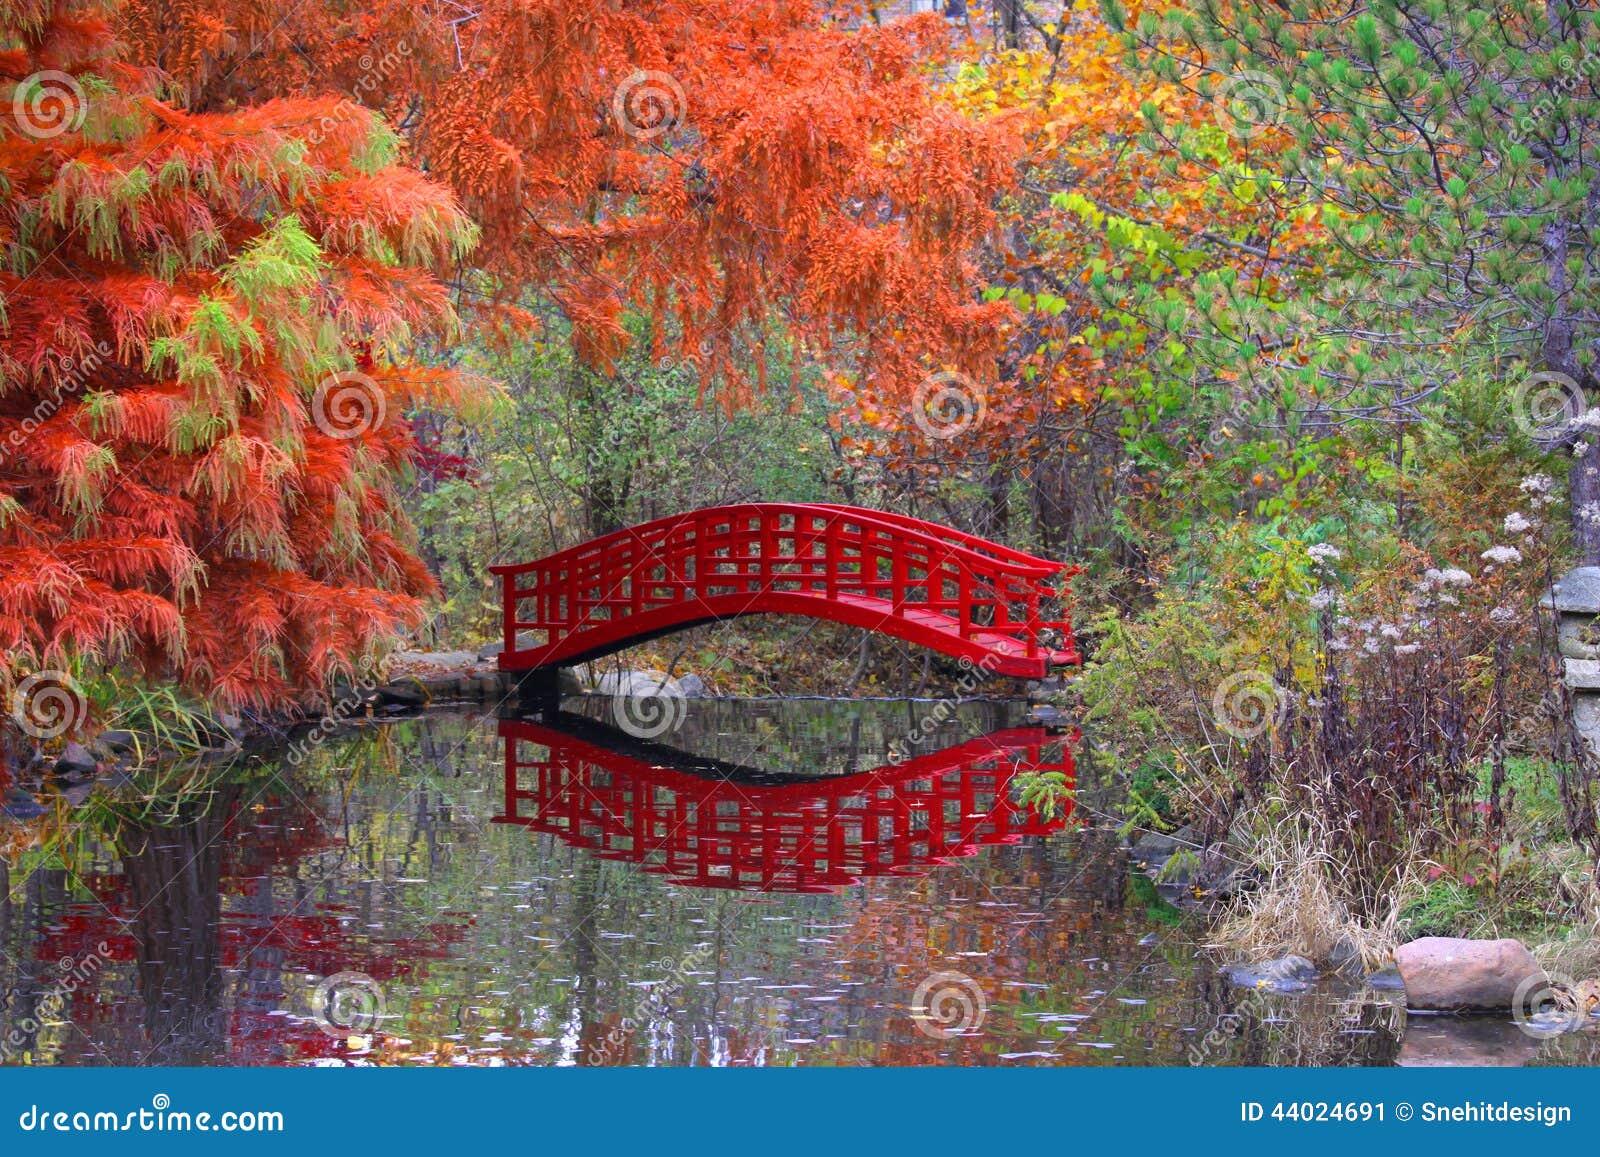 Jardin japonais dans le temps d 39 automne photo stock for Jardin japonais fond d ecran